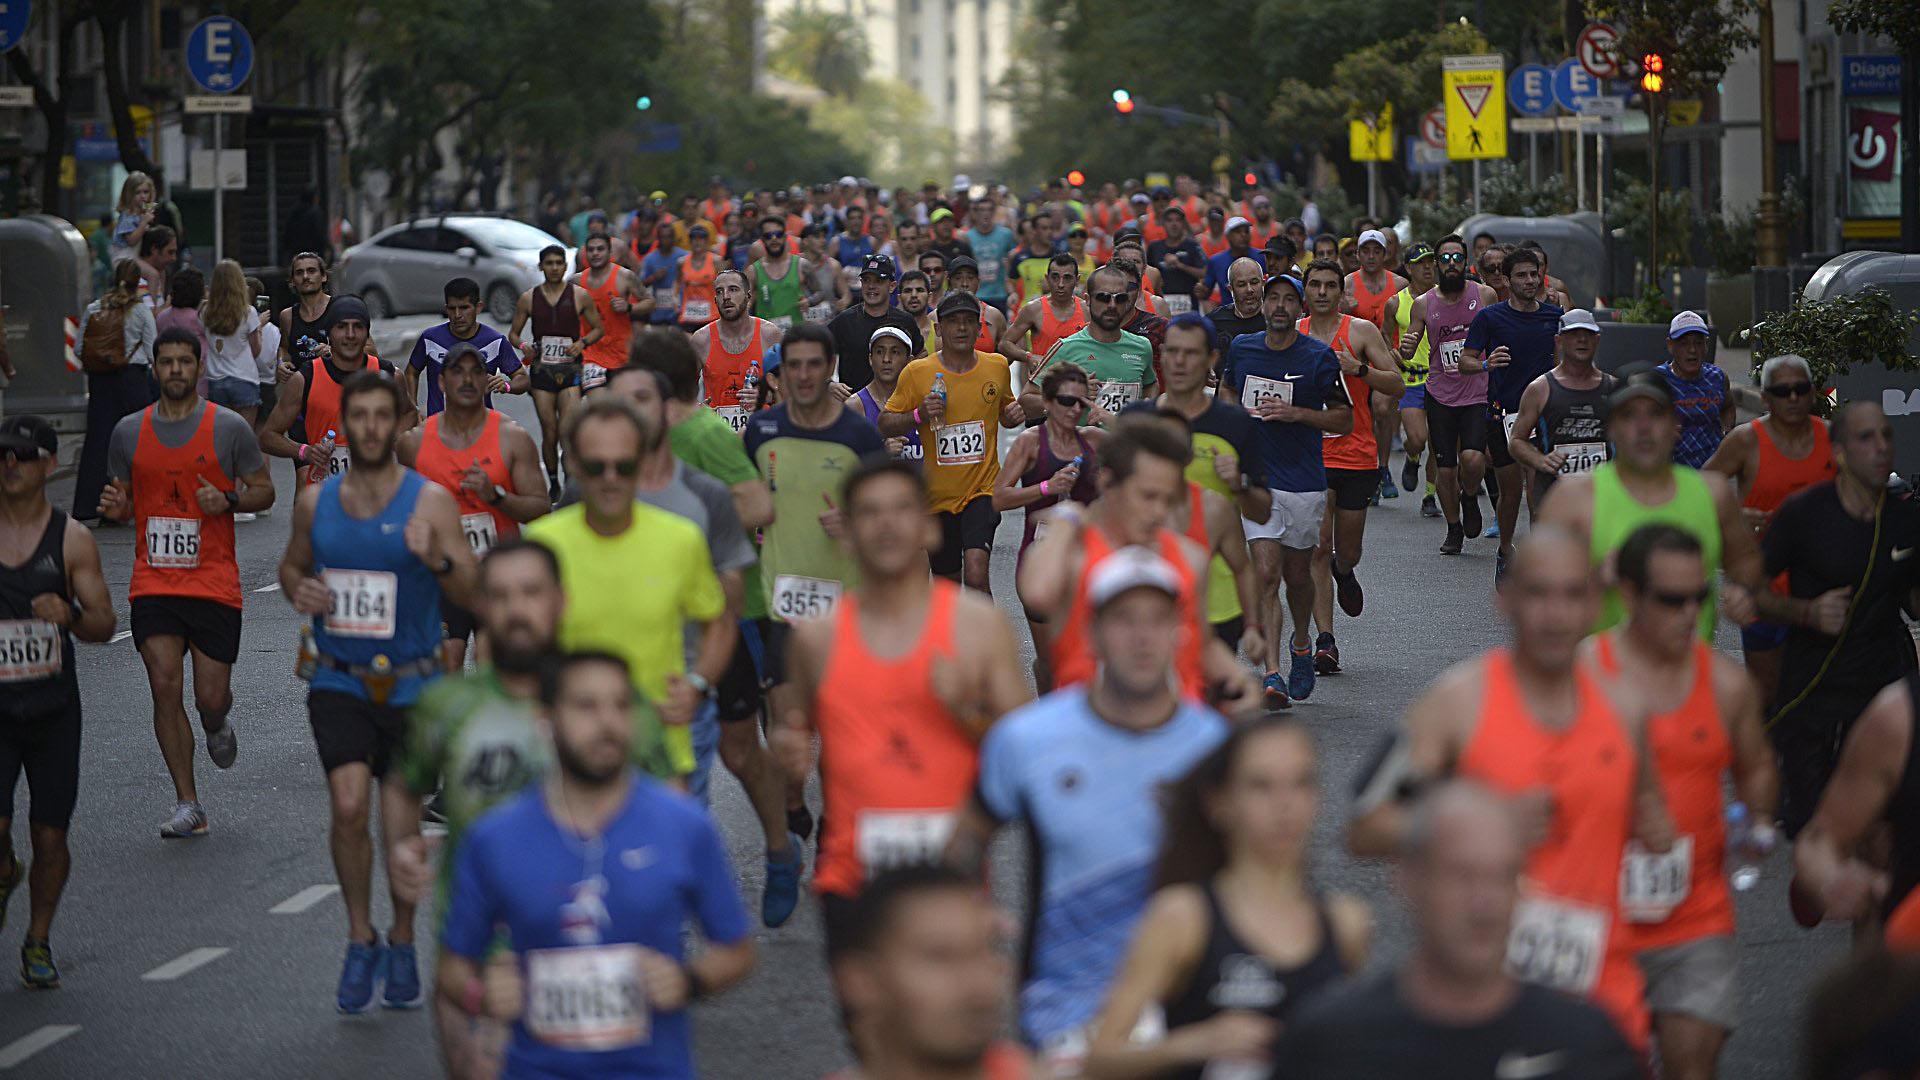 Tal como sucedió en la reciente media maratón, esta carrera fue cardioprotegida, contando con un sistema que incluyó por ejemplo 12 ambulancias, 60 voluntarios y 71 desfibriladores distribuidos a lo largo del circuito